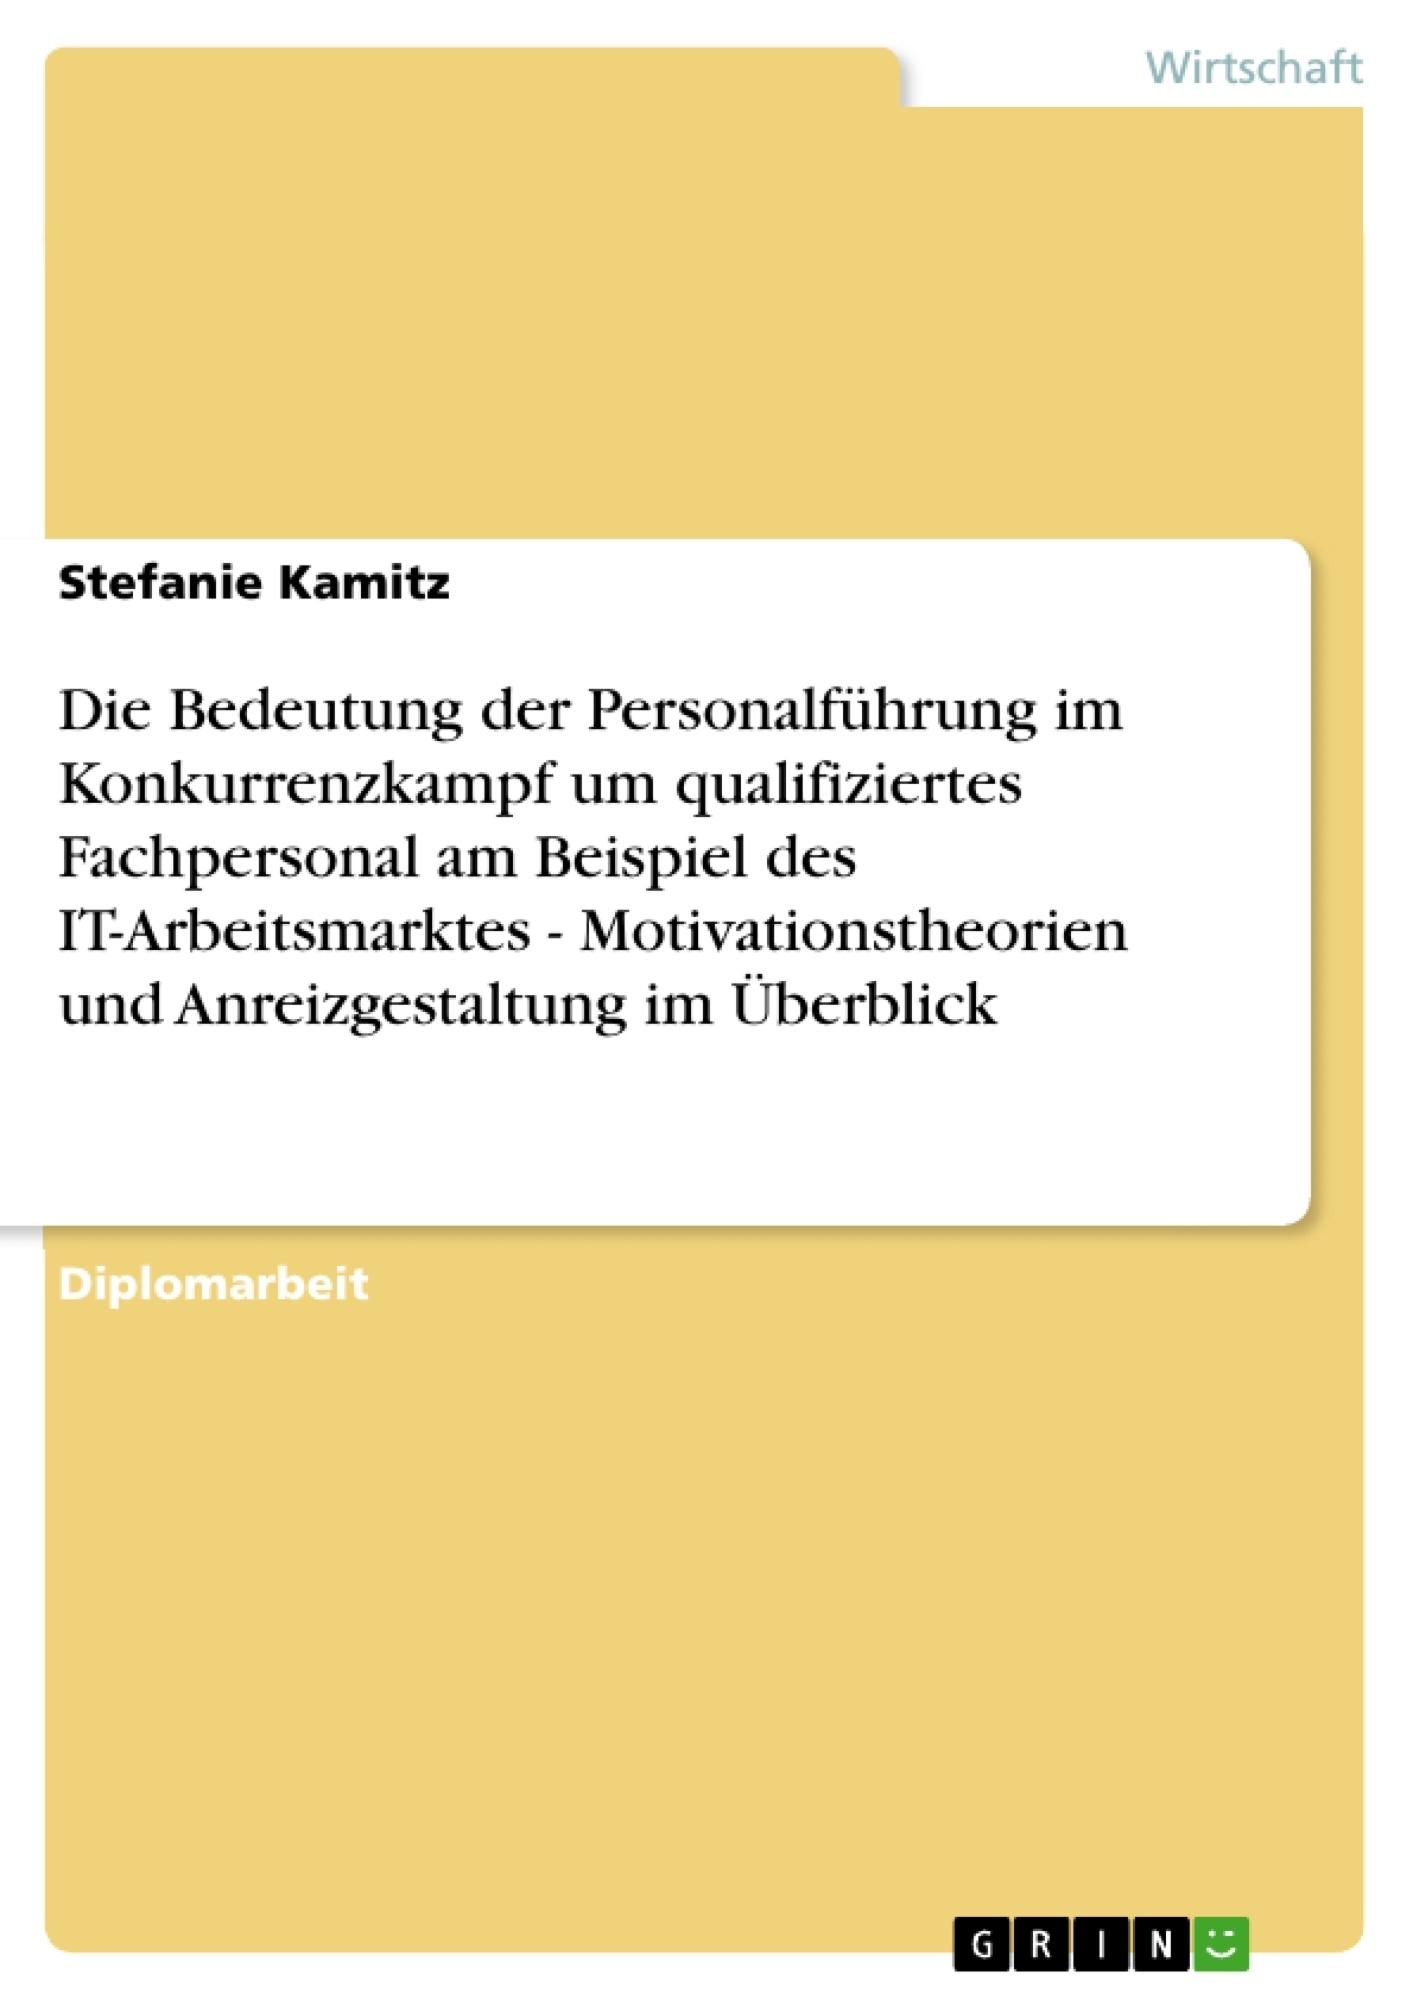 Titel: Die Bedeutung der Personalführung im Konkurrenzkampf um qualifiziertes Fachpersonal am Beispiel des IT-Arbeitsmarktes - Motivationstheorien und Anreizgestaltung im Überblick